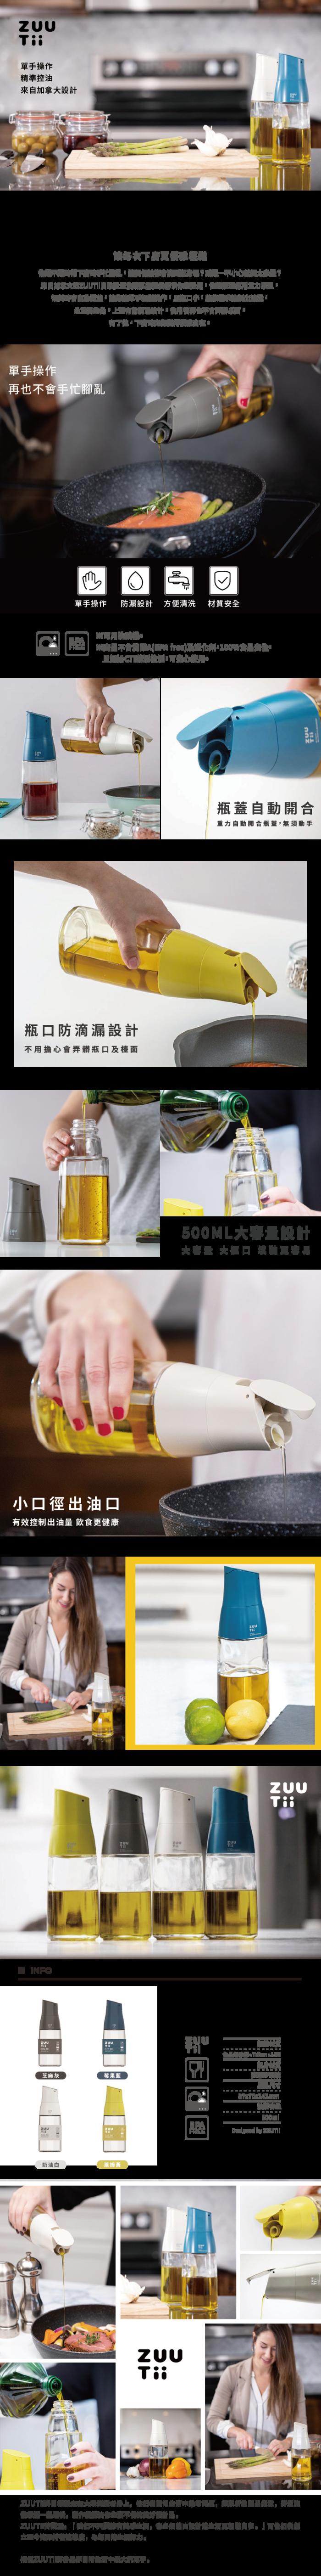 (複製)OTOTO|尼斯寶寶-沖泡琺瑯杯組